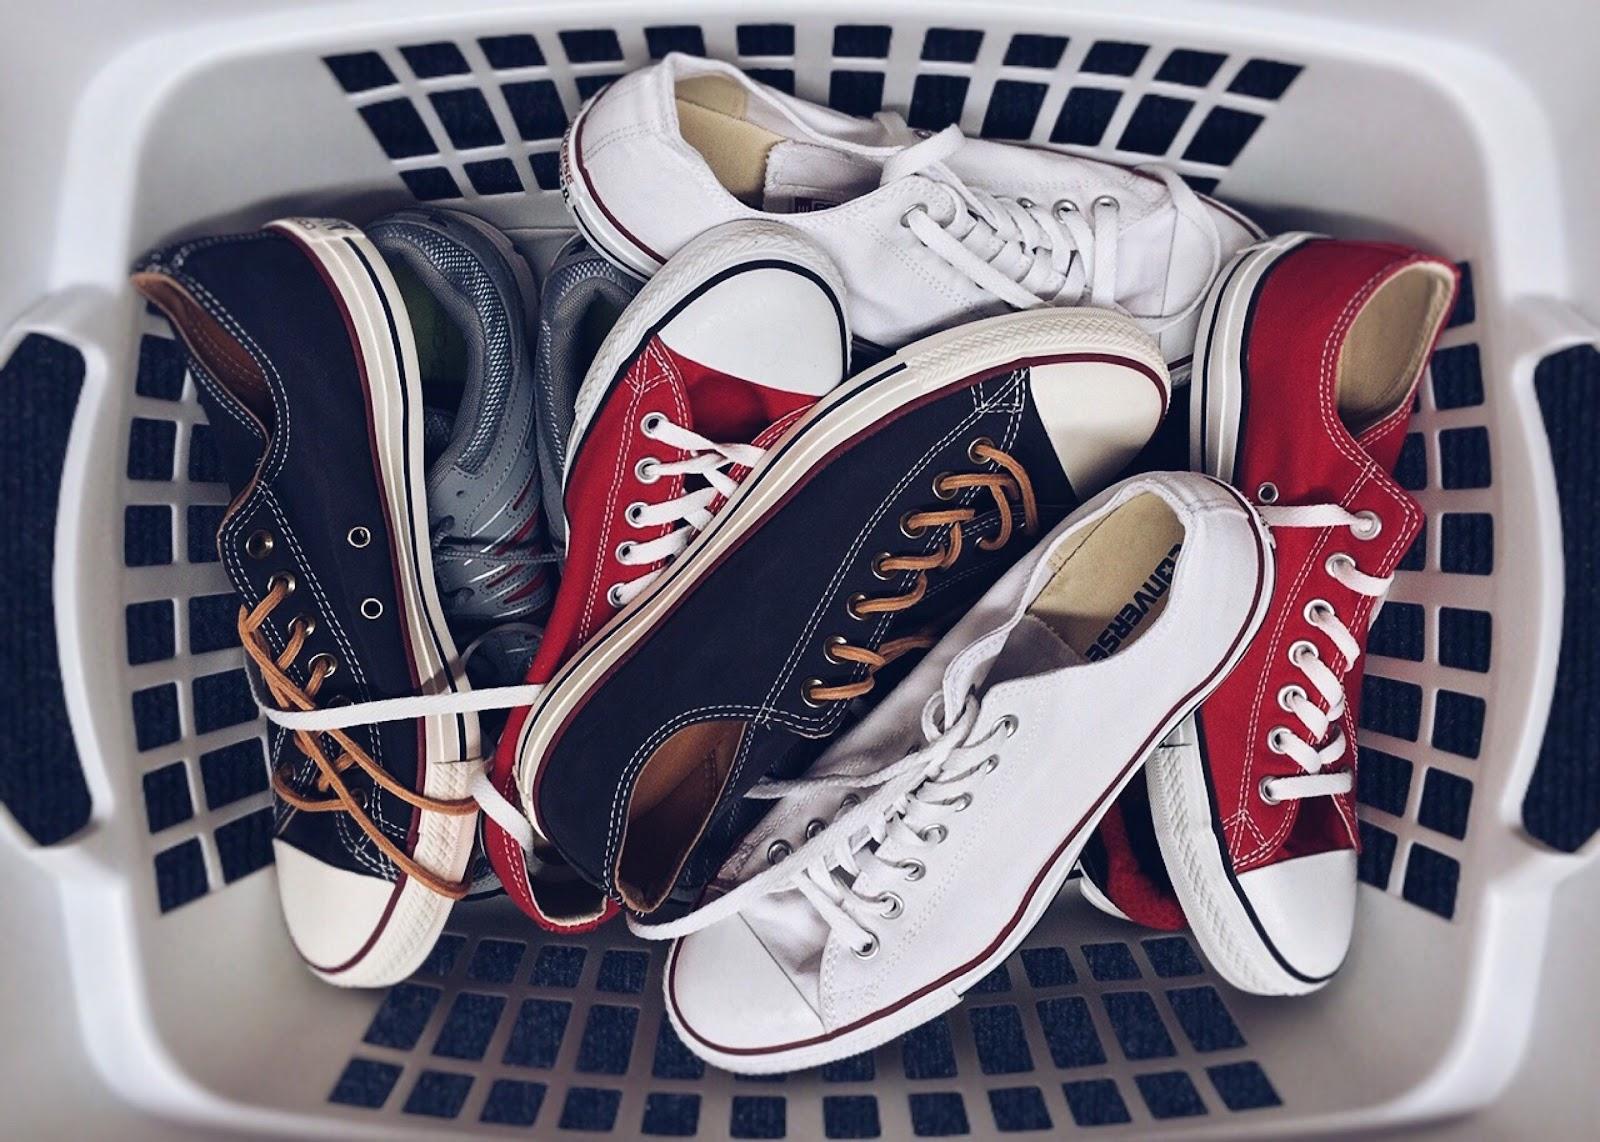 סל כביסה עם נעלי ספורט